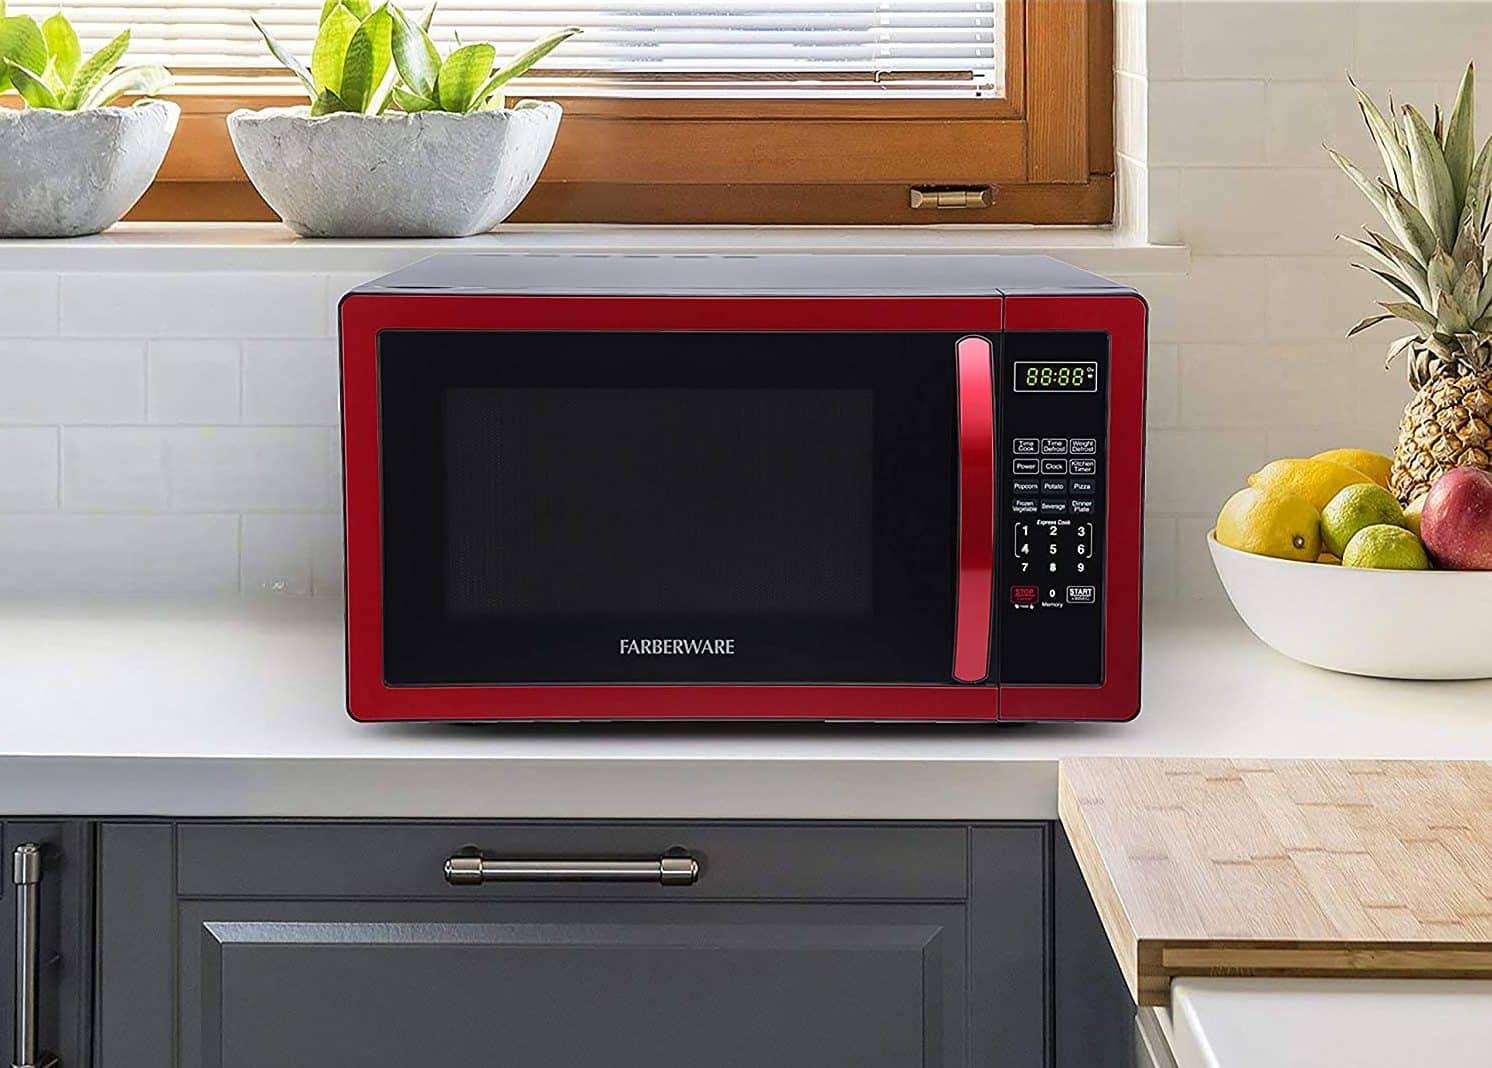 Best 1000 watt microwave oven featured